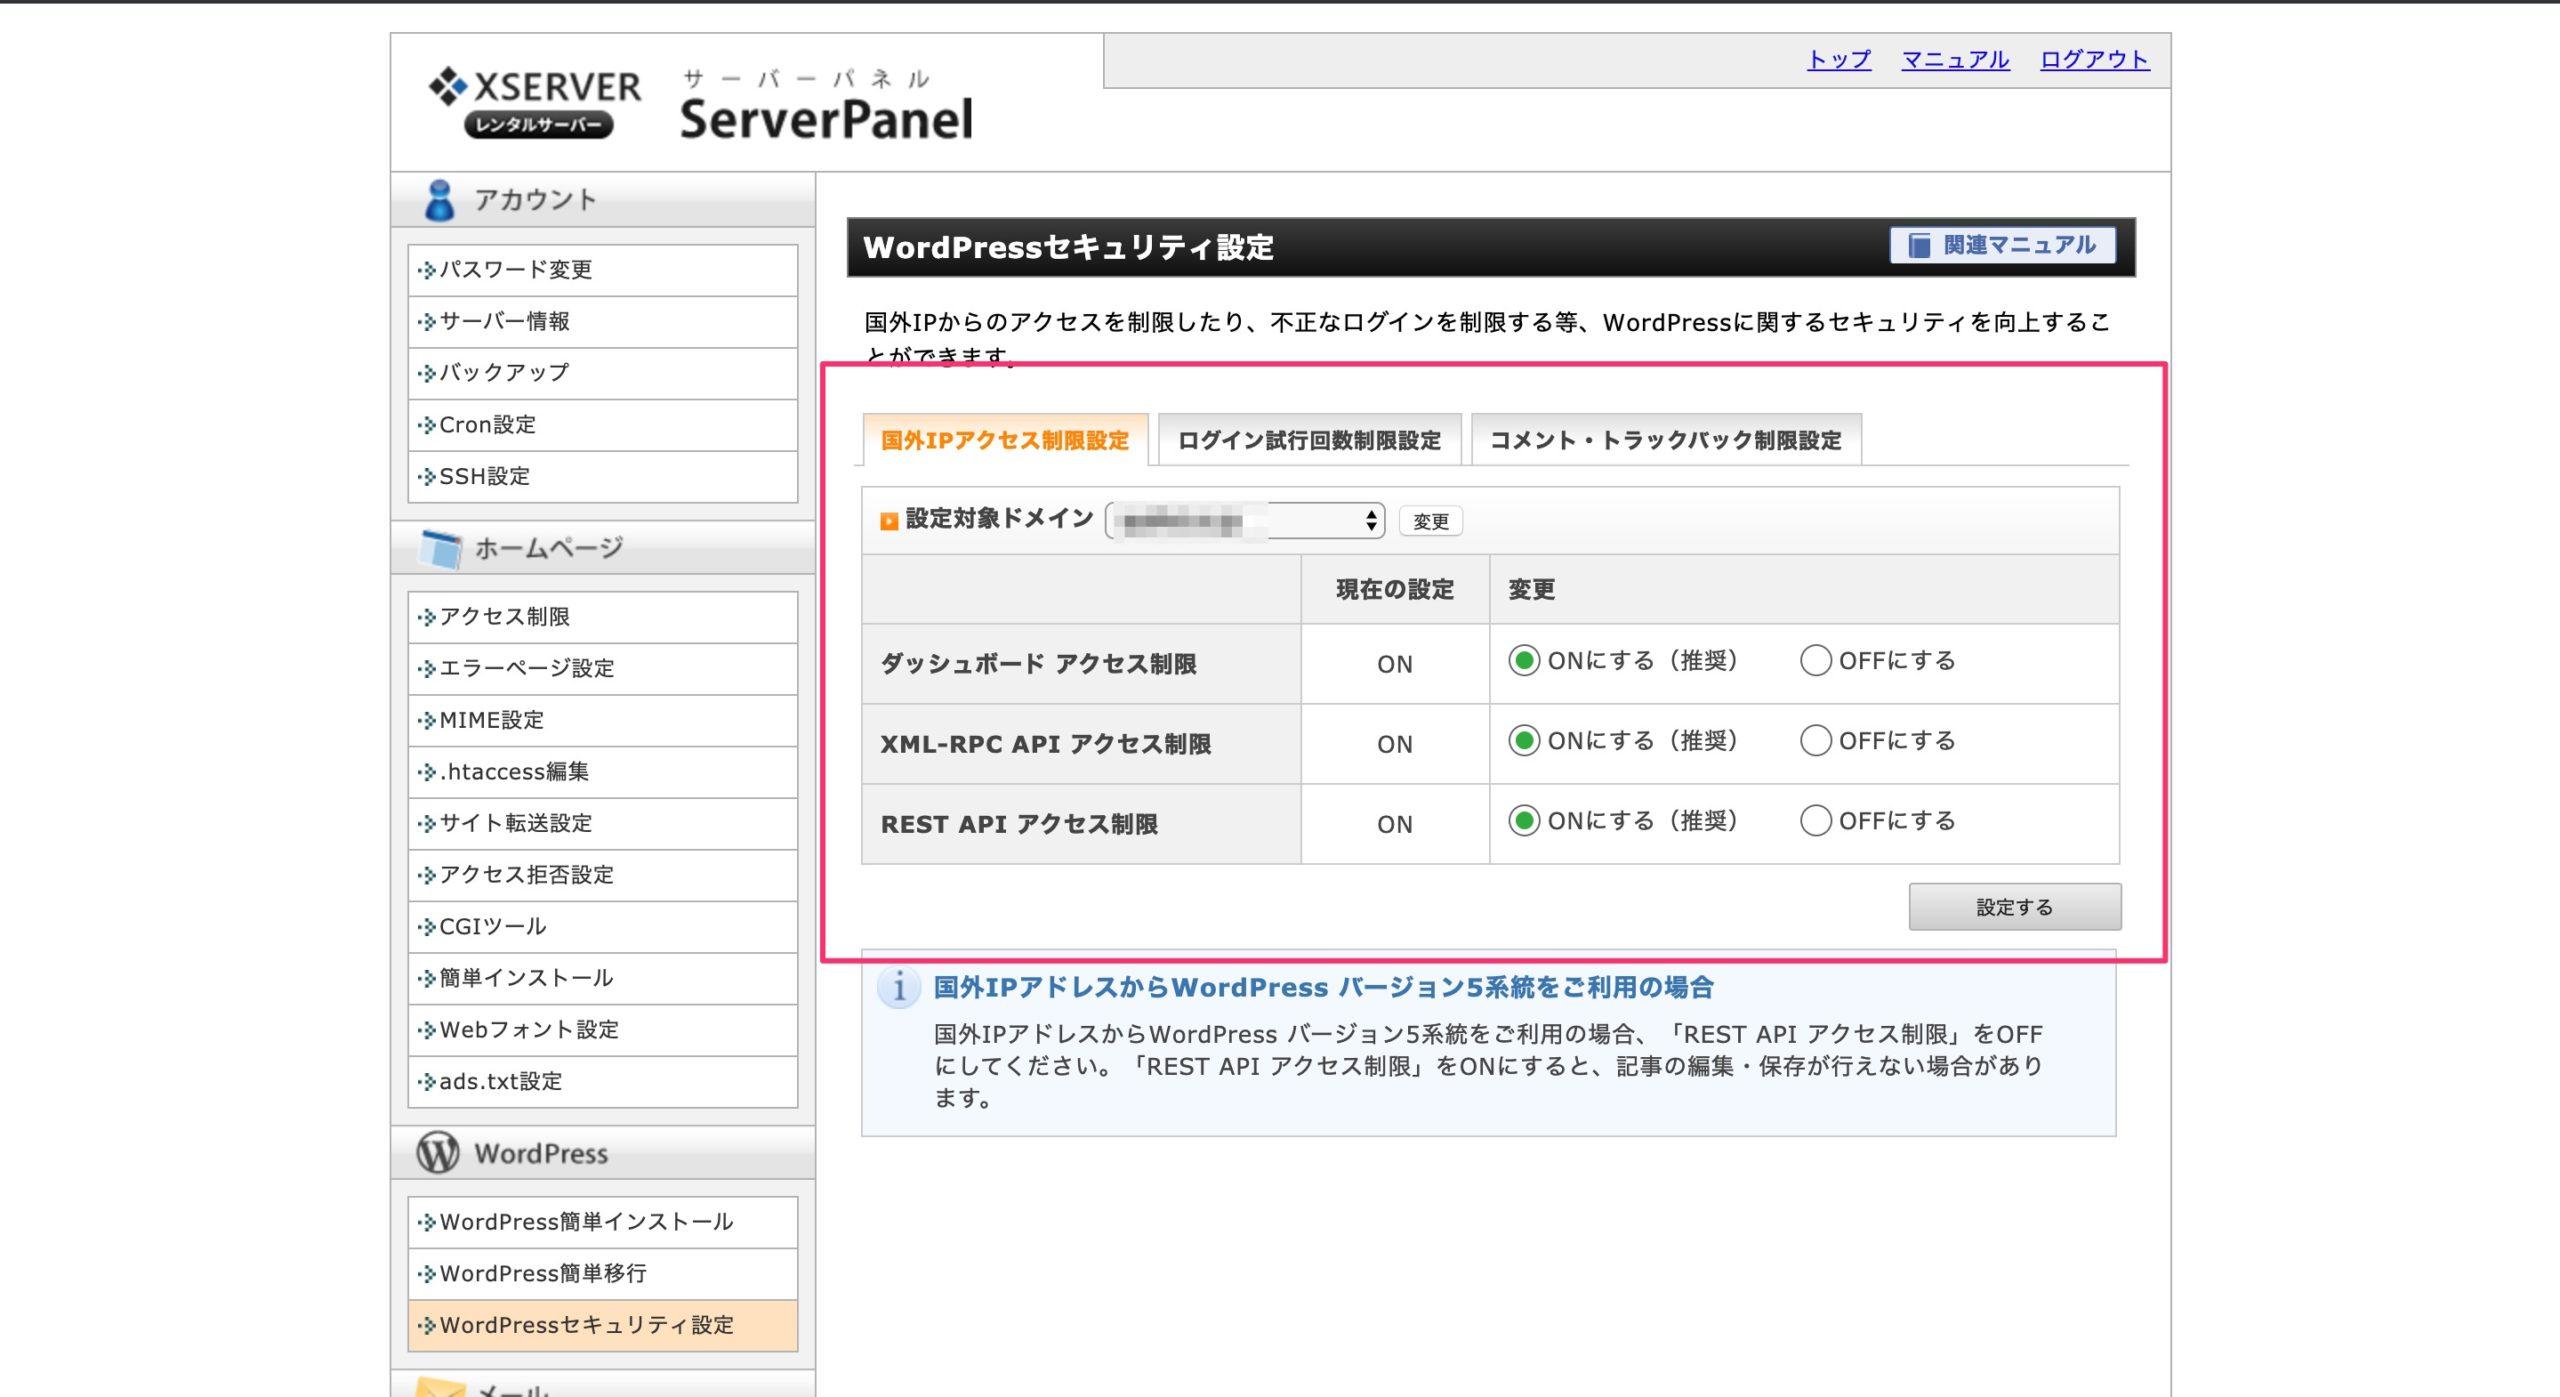 エックスサーバーのWordPress国外IPアクセス制限設定画面